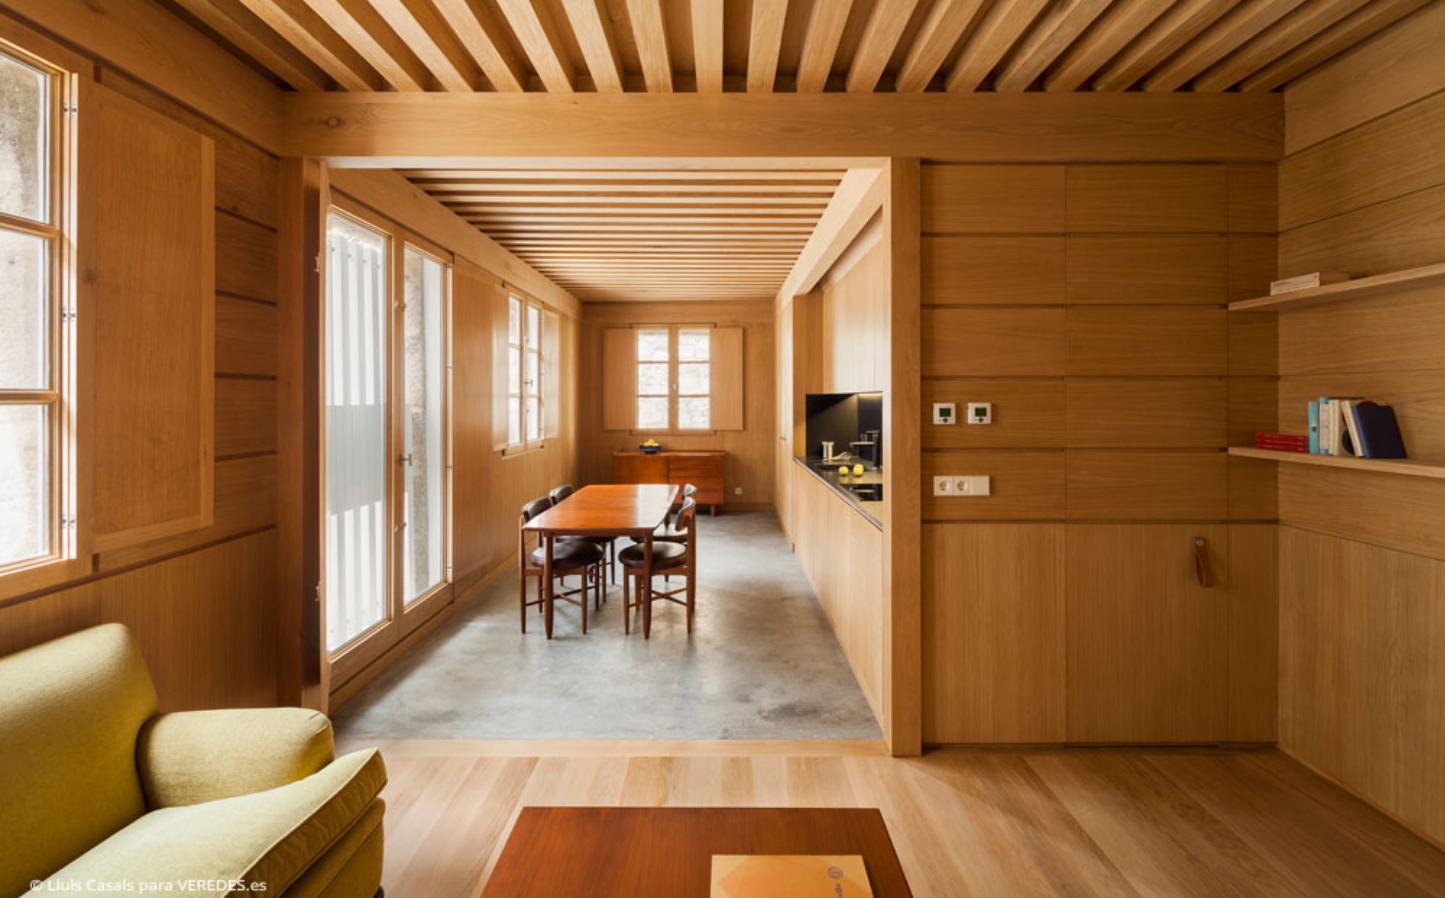 Casa aguirre en bayona proyectodeld a blog de stepien y for Blog de arquitectura